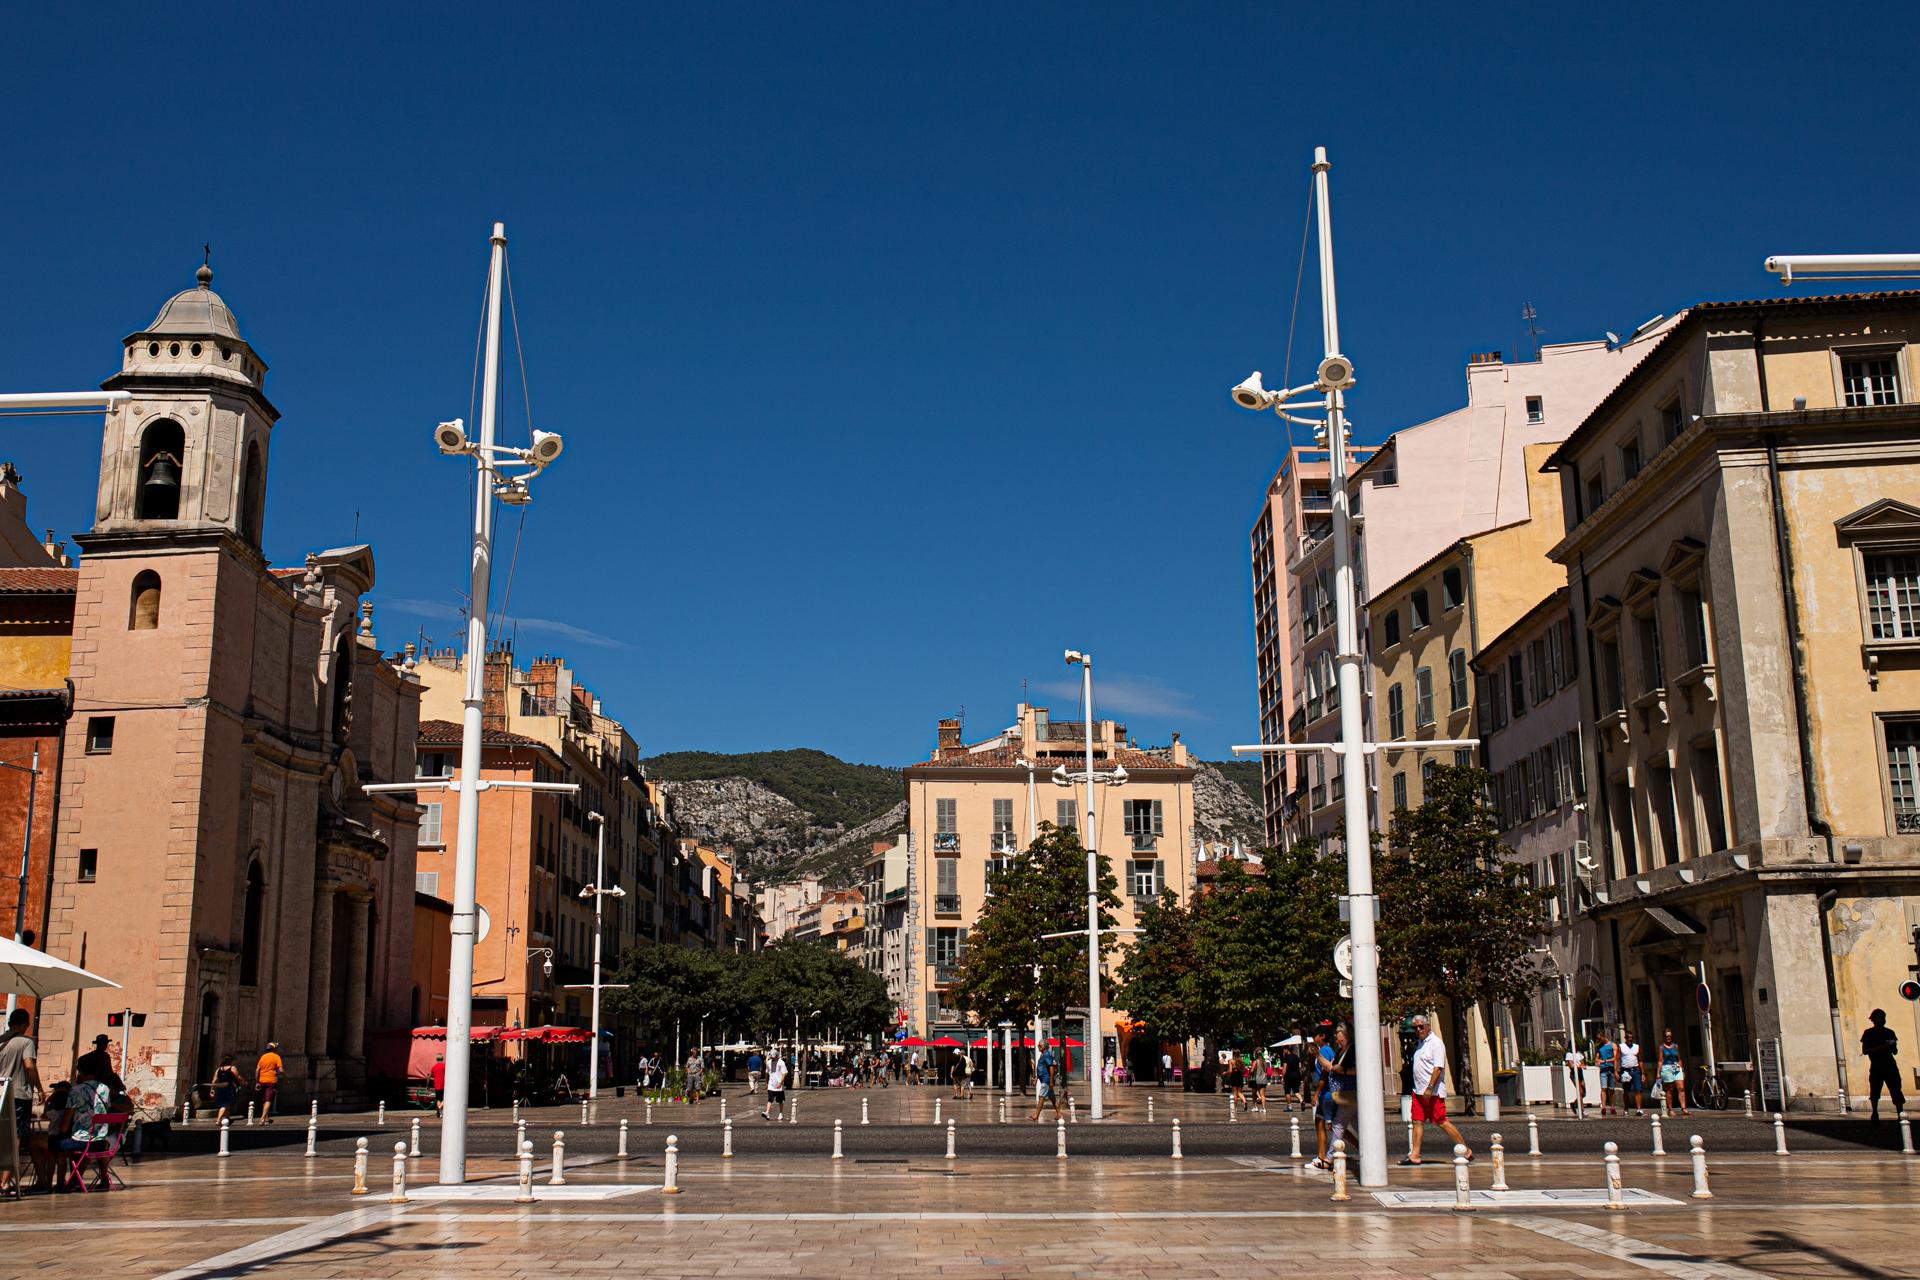 ville de Toulon. Photographie